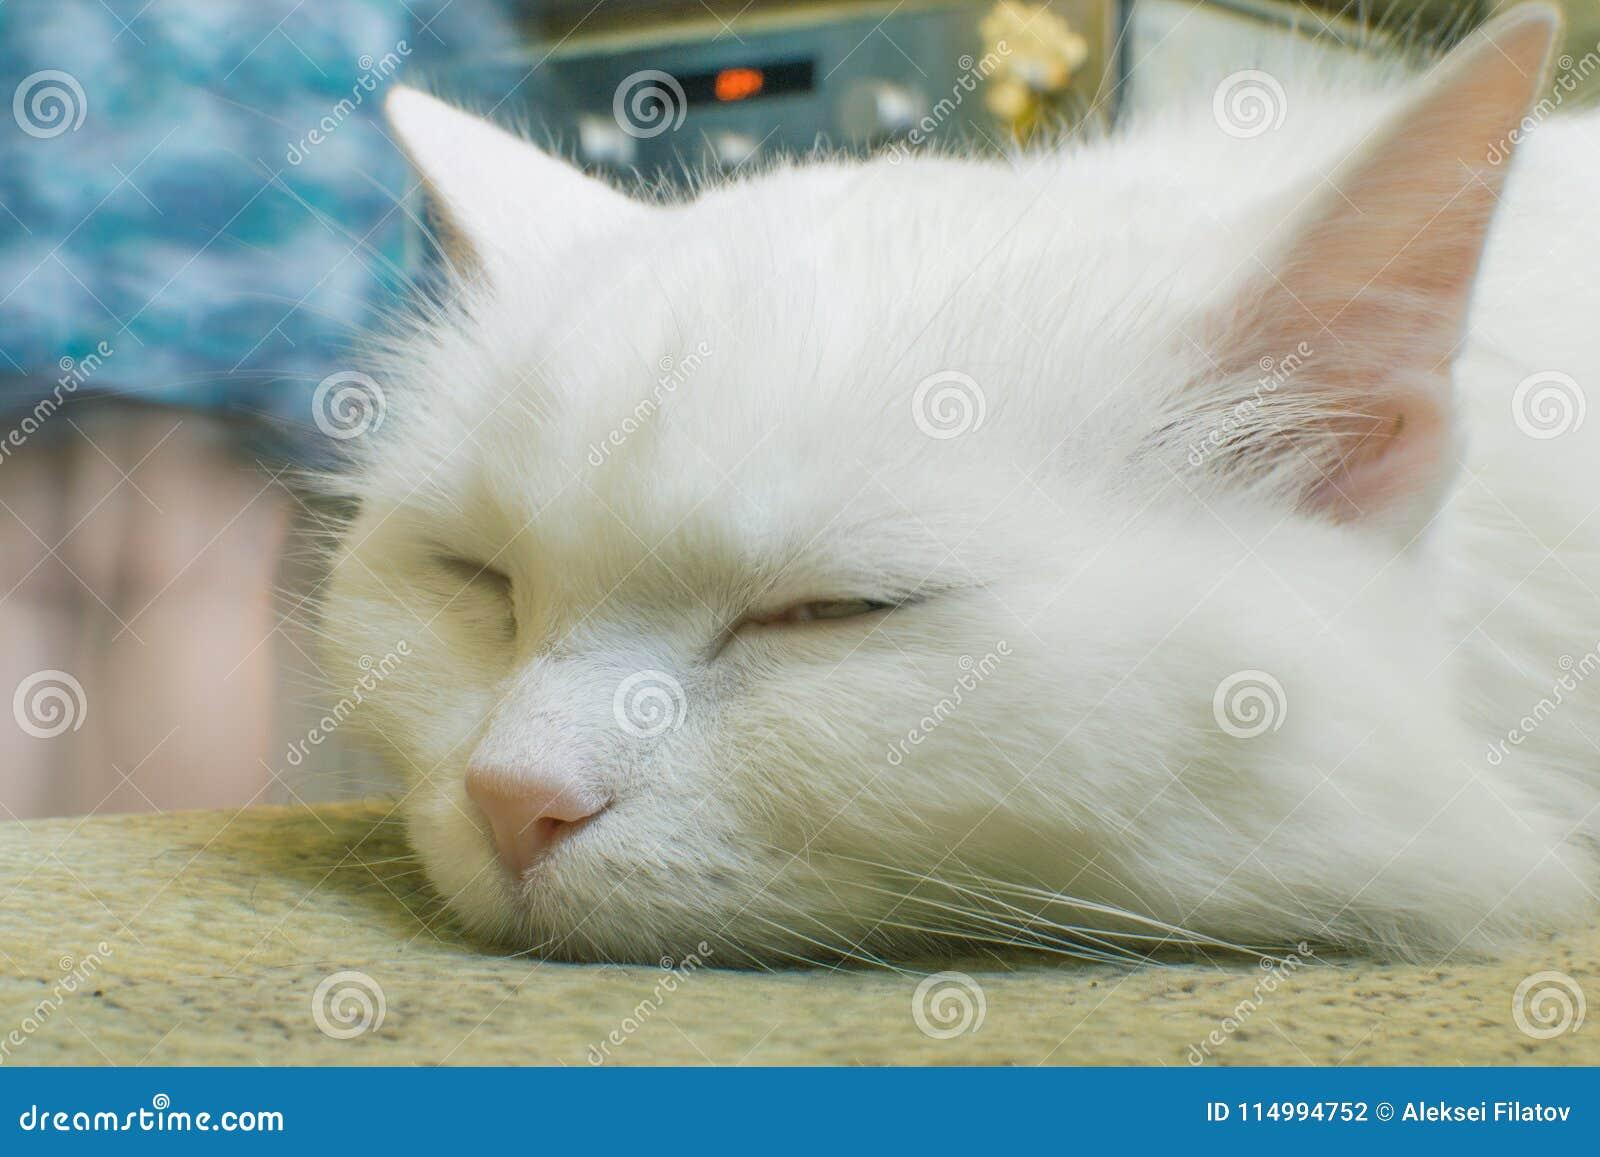 Portrait einer weißen Katze